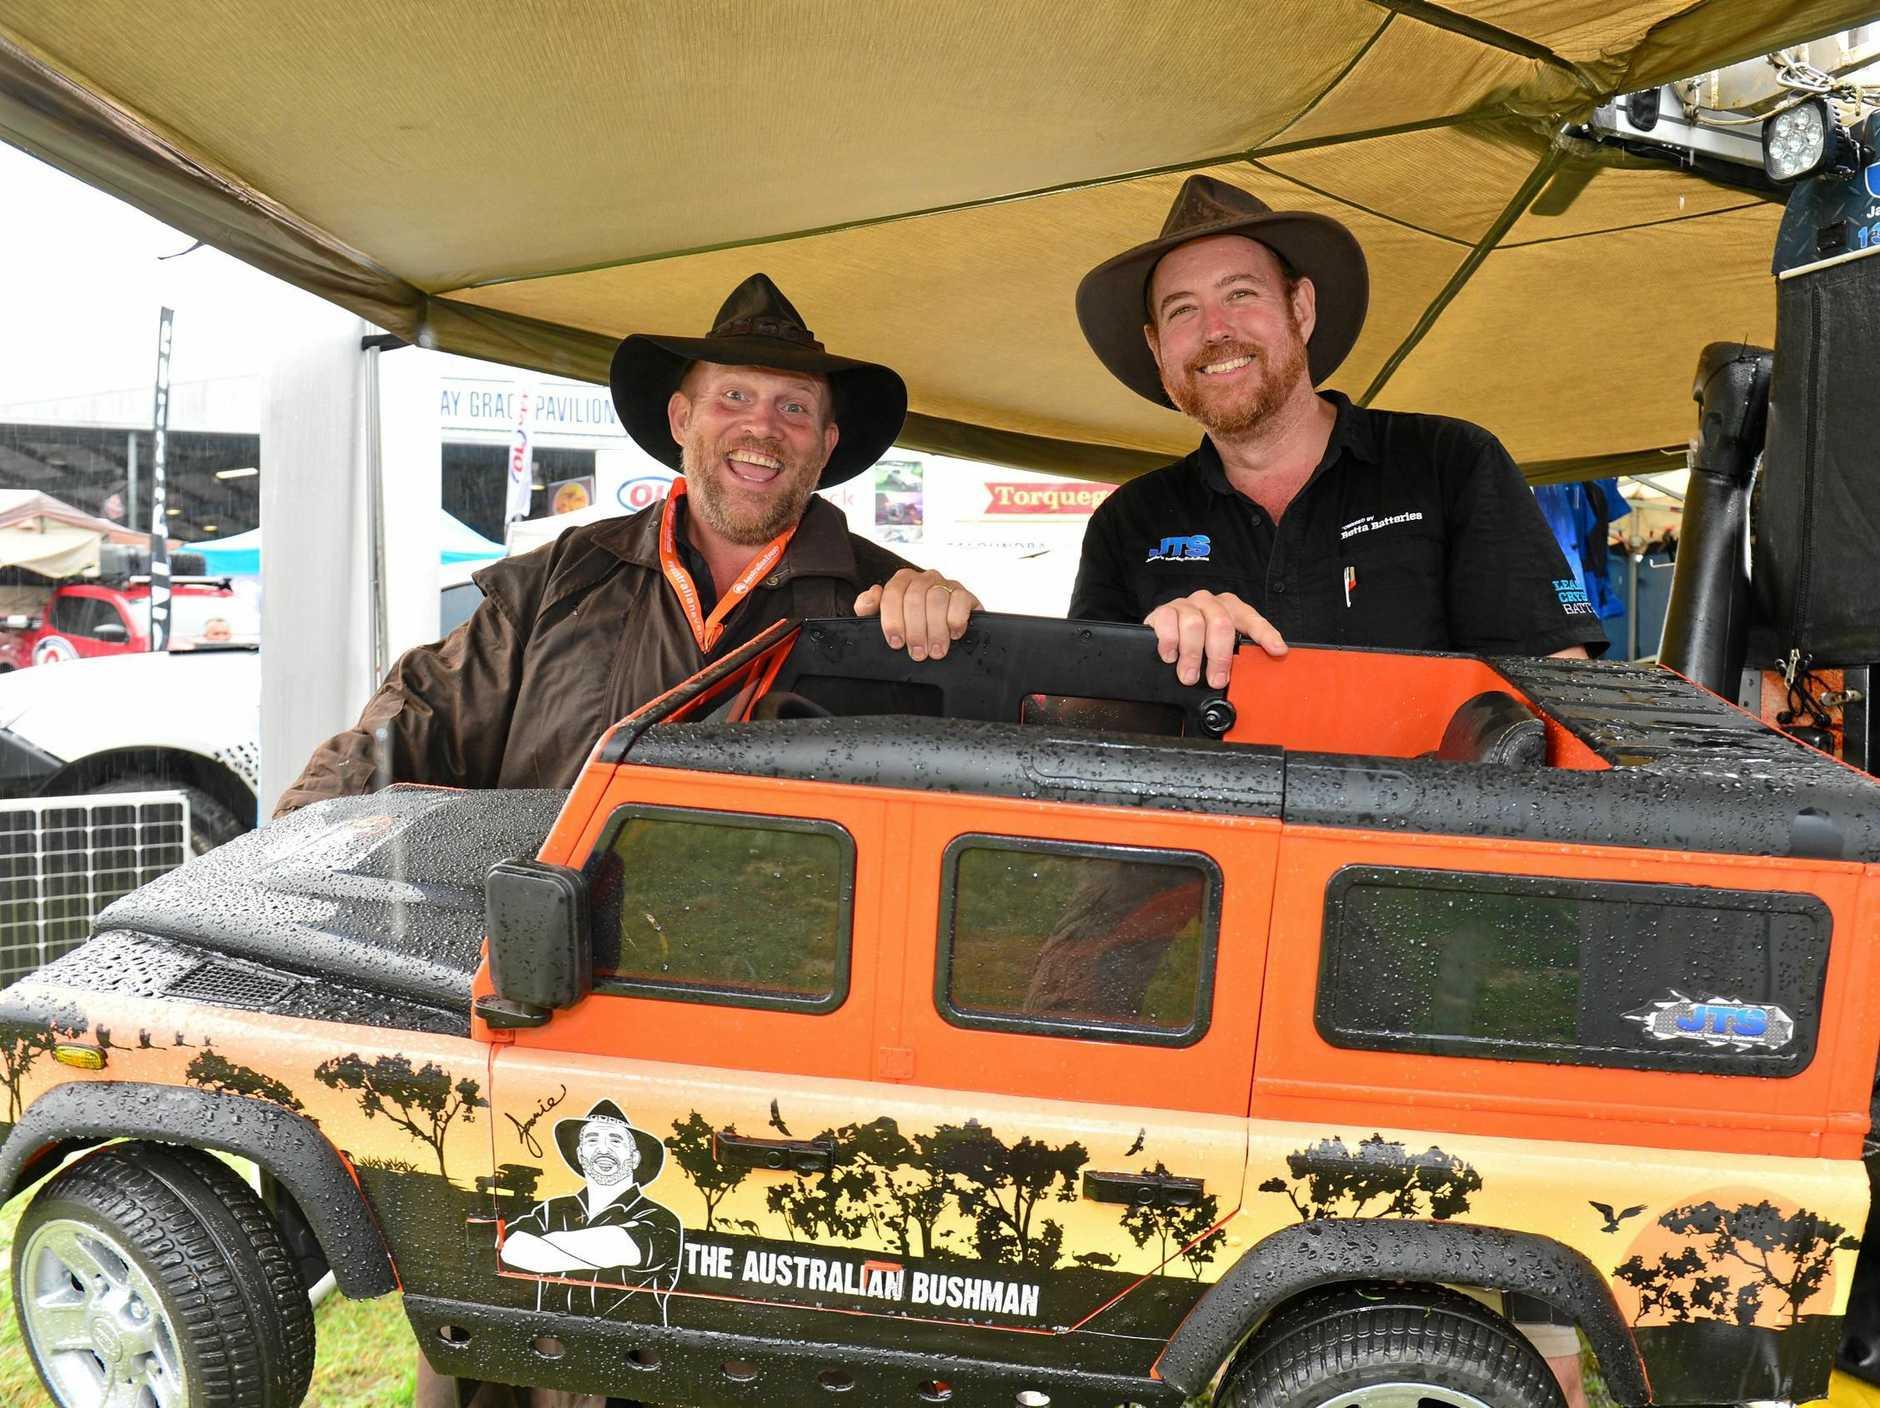 OUTDOOR ADVENTURERS: Jamie Hazelden and Ben Sexton at last year's South Queensland Caravan, Camping, Fishing and 4x4 Expo in Nambour.